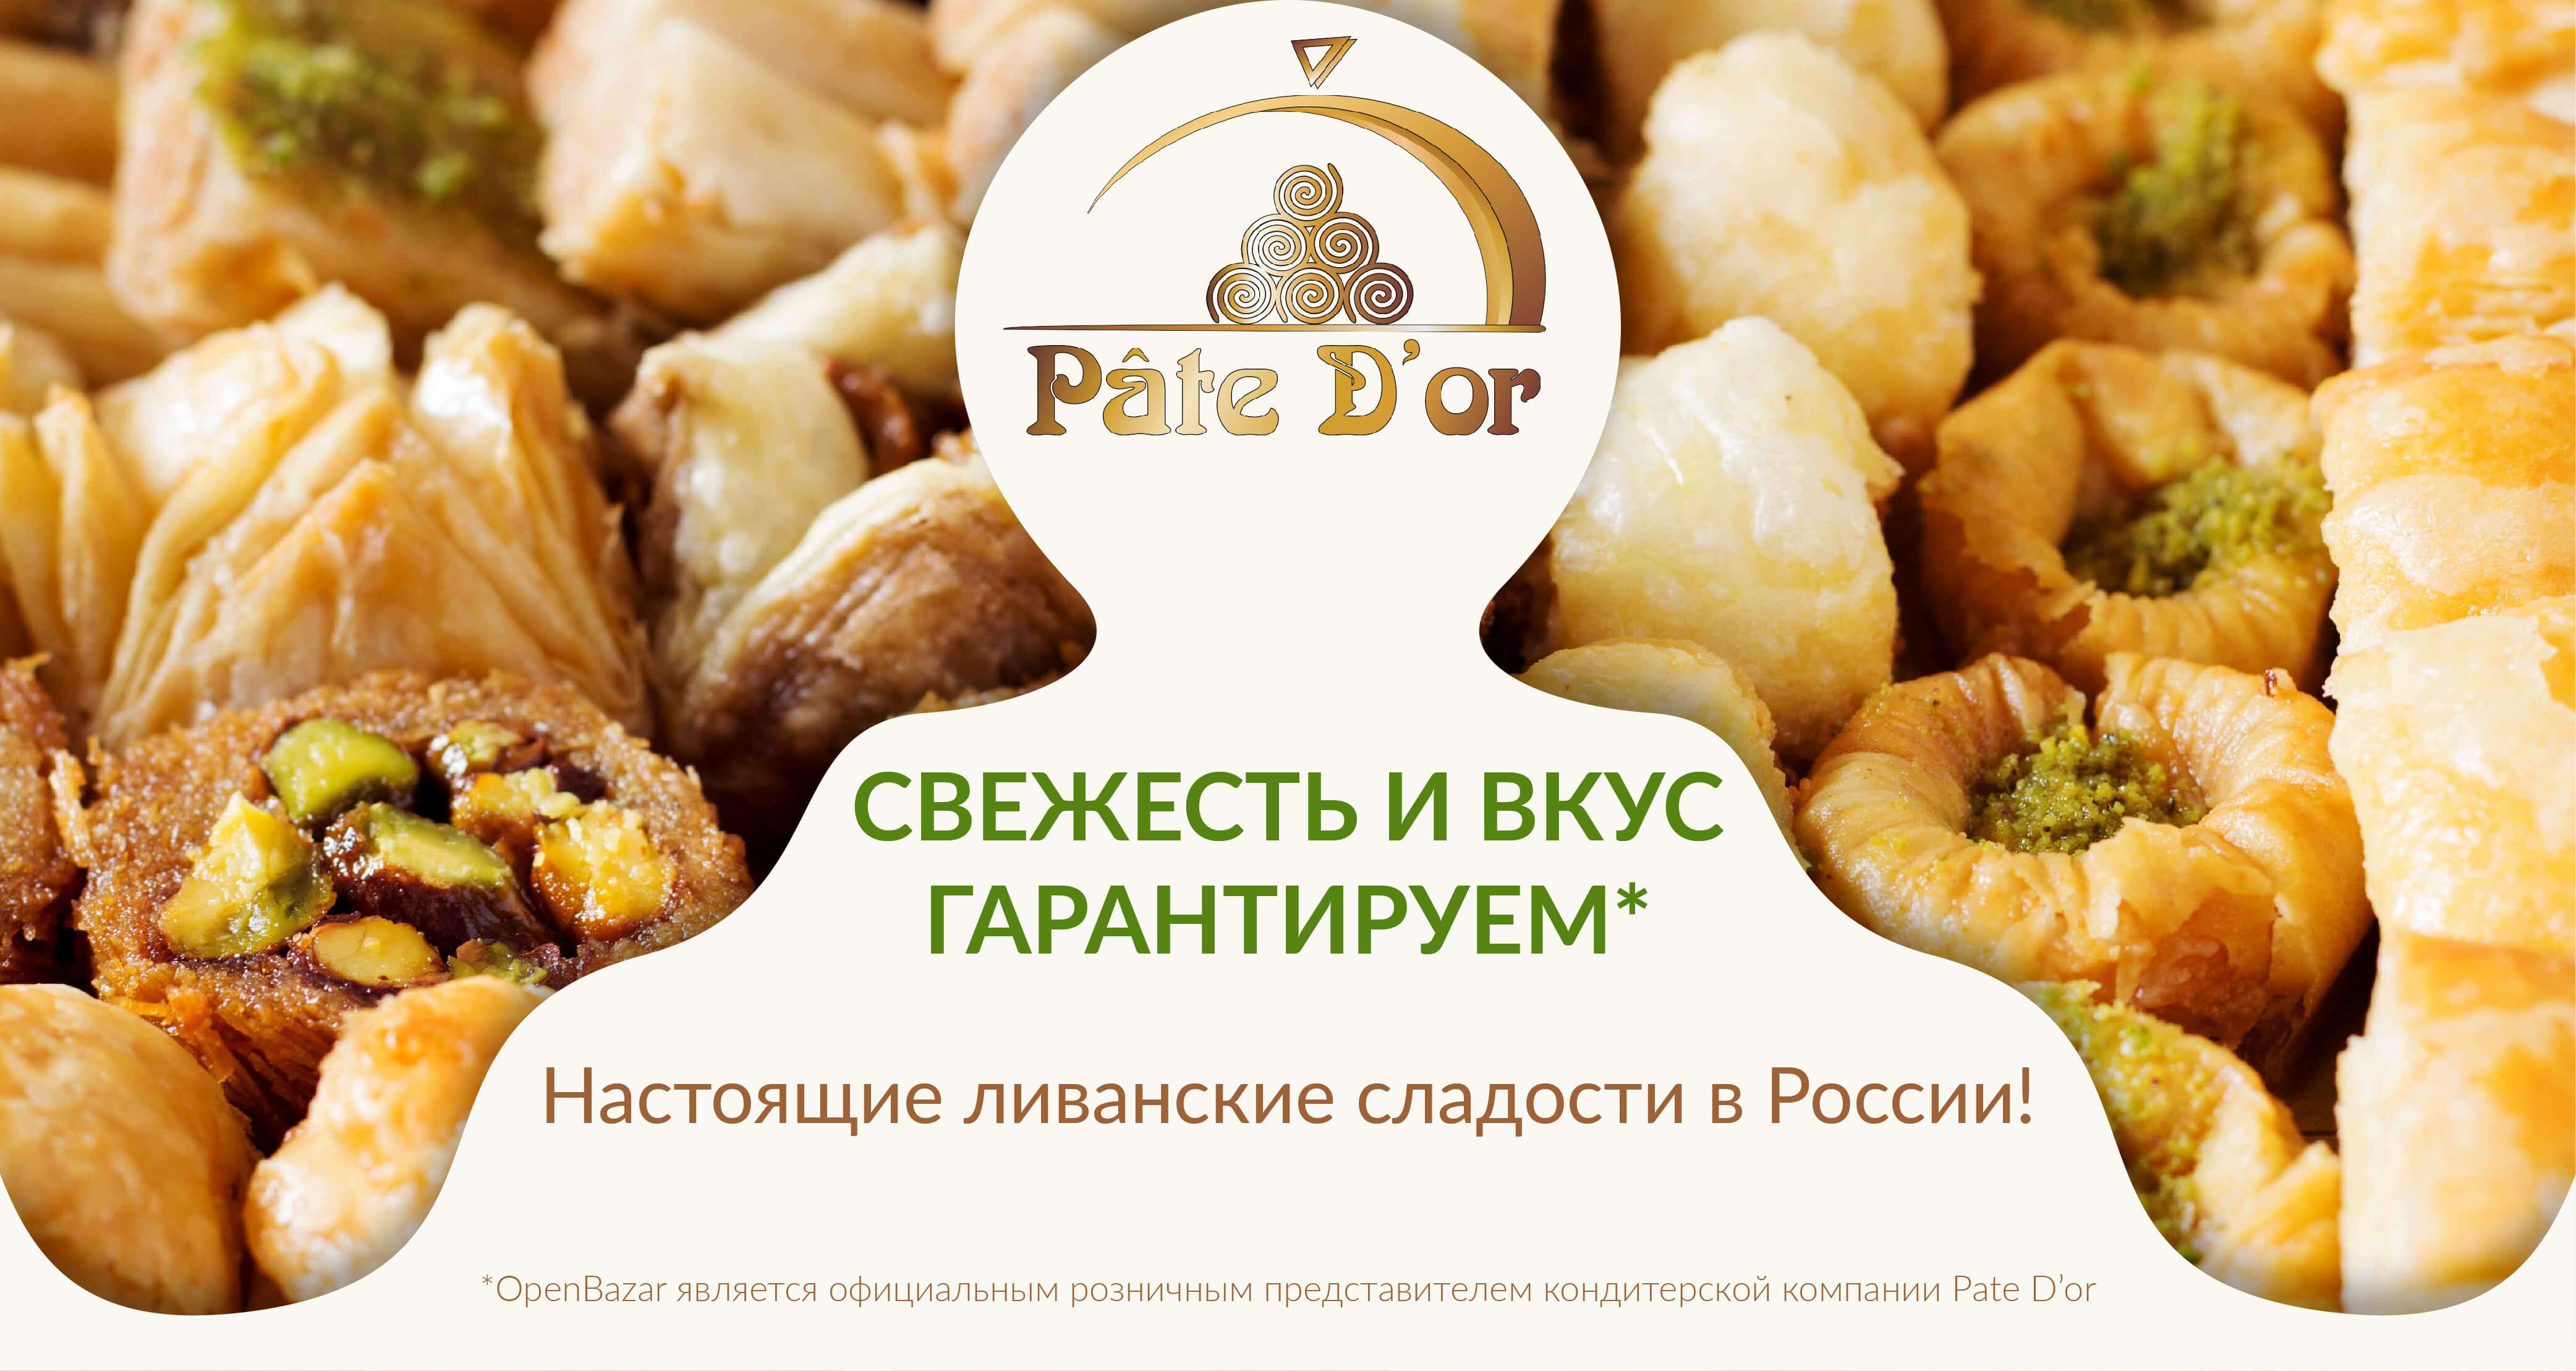 Ливанские сладости кондитерской компании Pate D'or